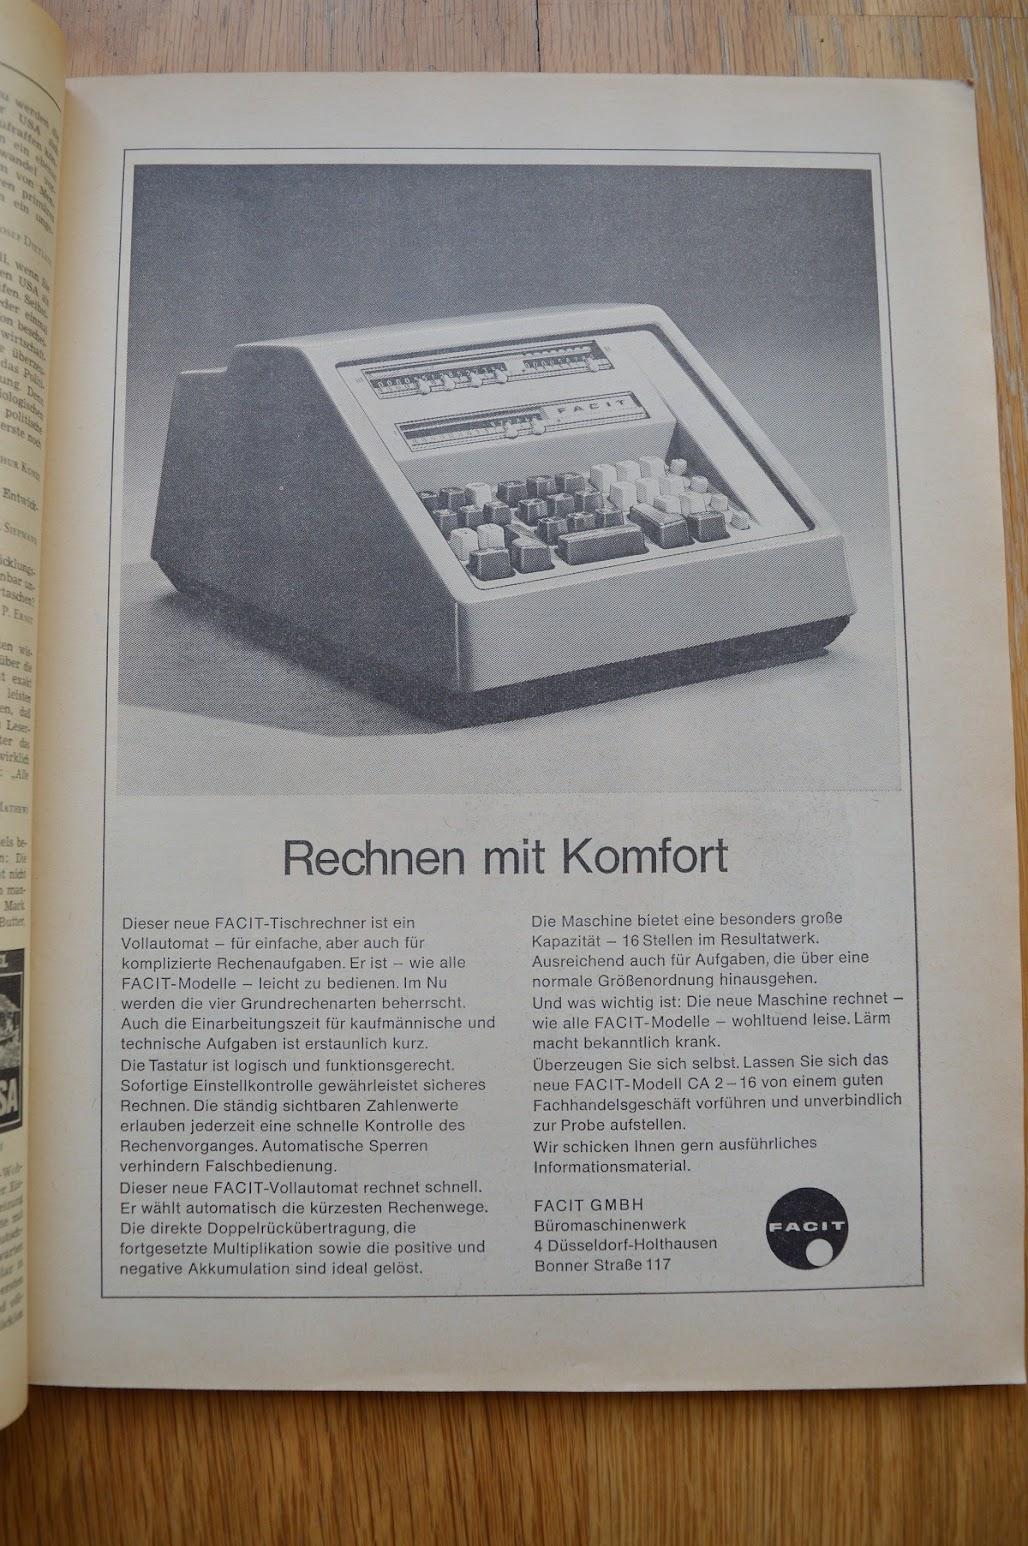 DER SPIEGEL, 29. April 1964 - Werbung für Rechenmaschinen